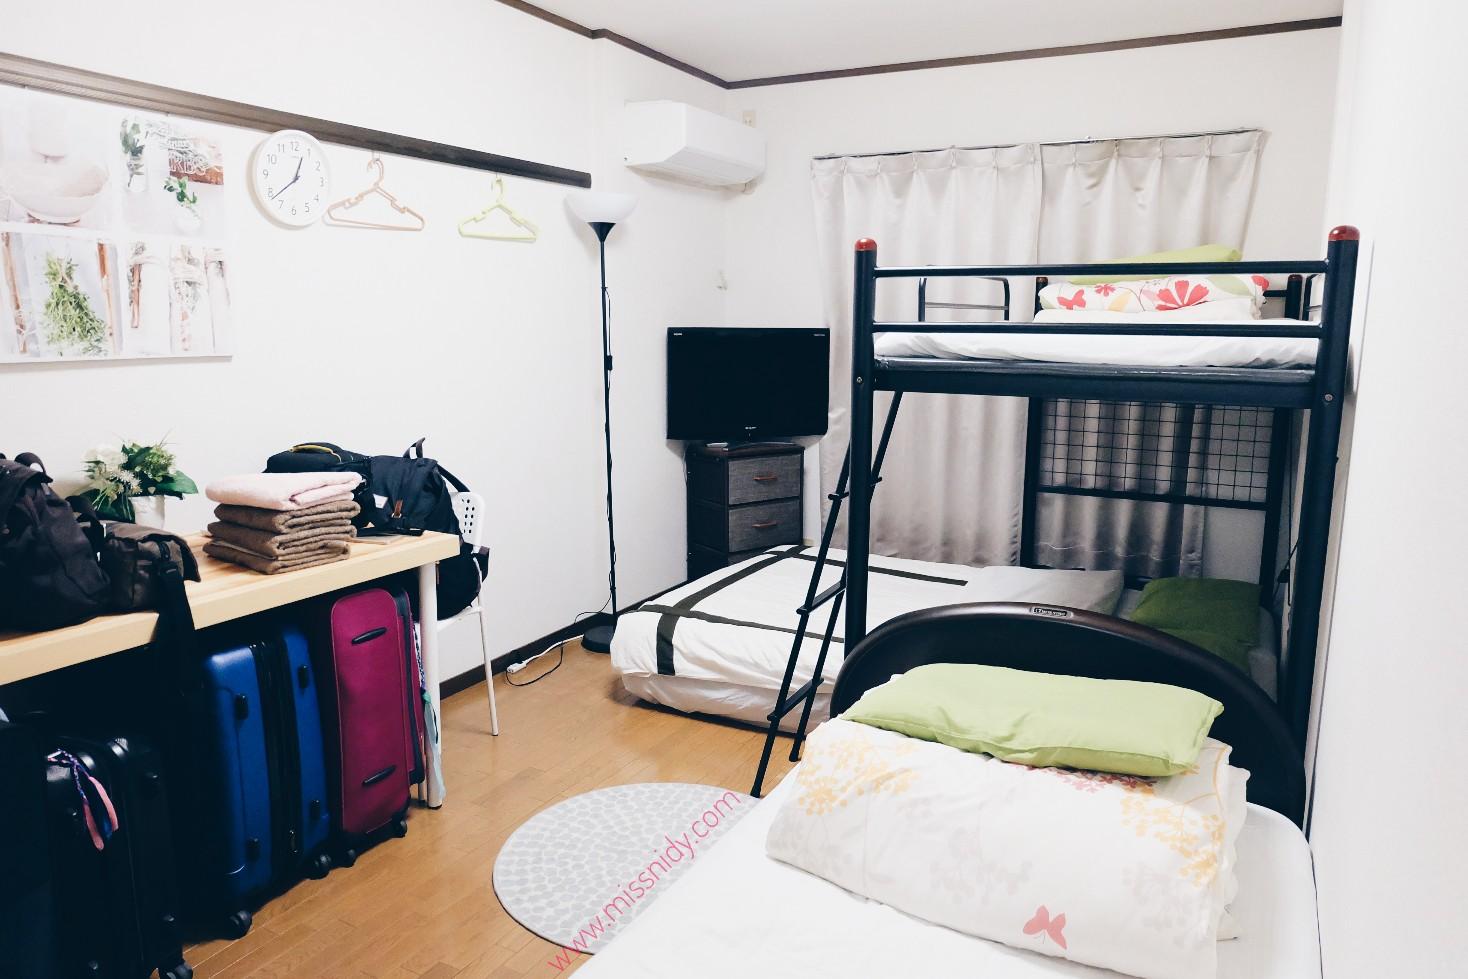 sewa apartemen di tokyo